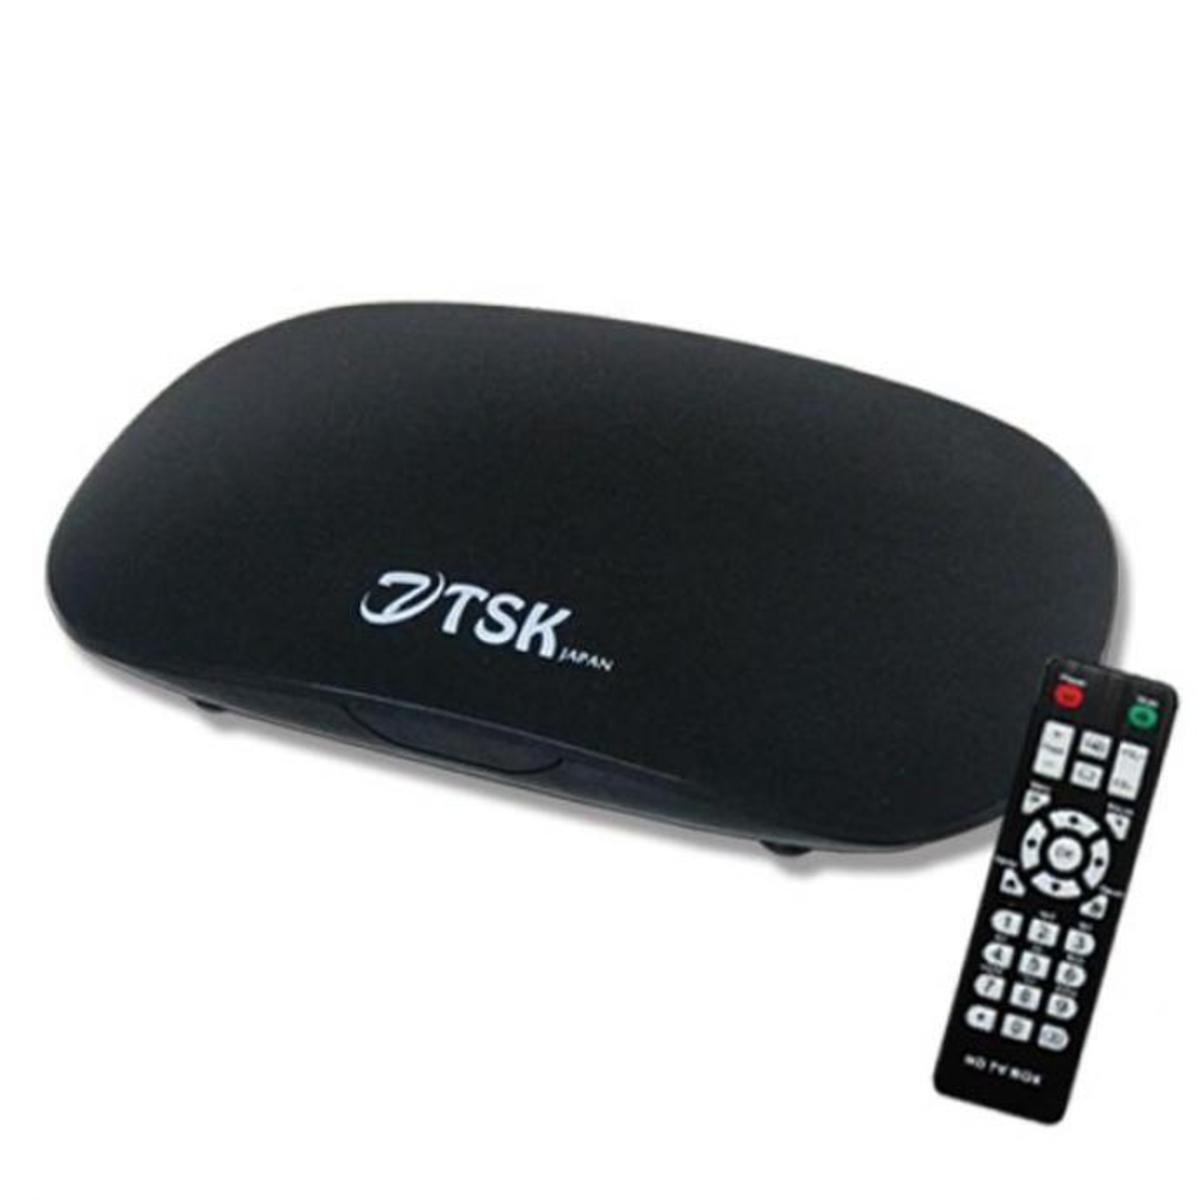 日本TSK SB009 (國際版)四核智能網絡電視盒 黑色 ASW0006